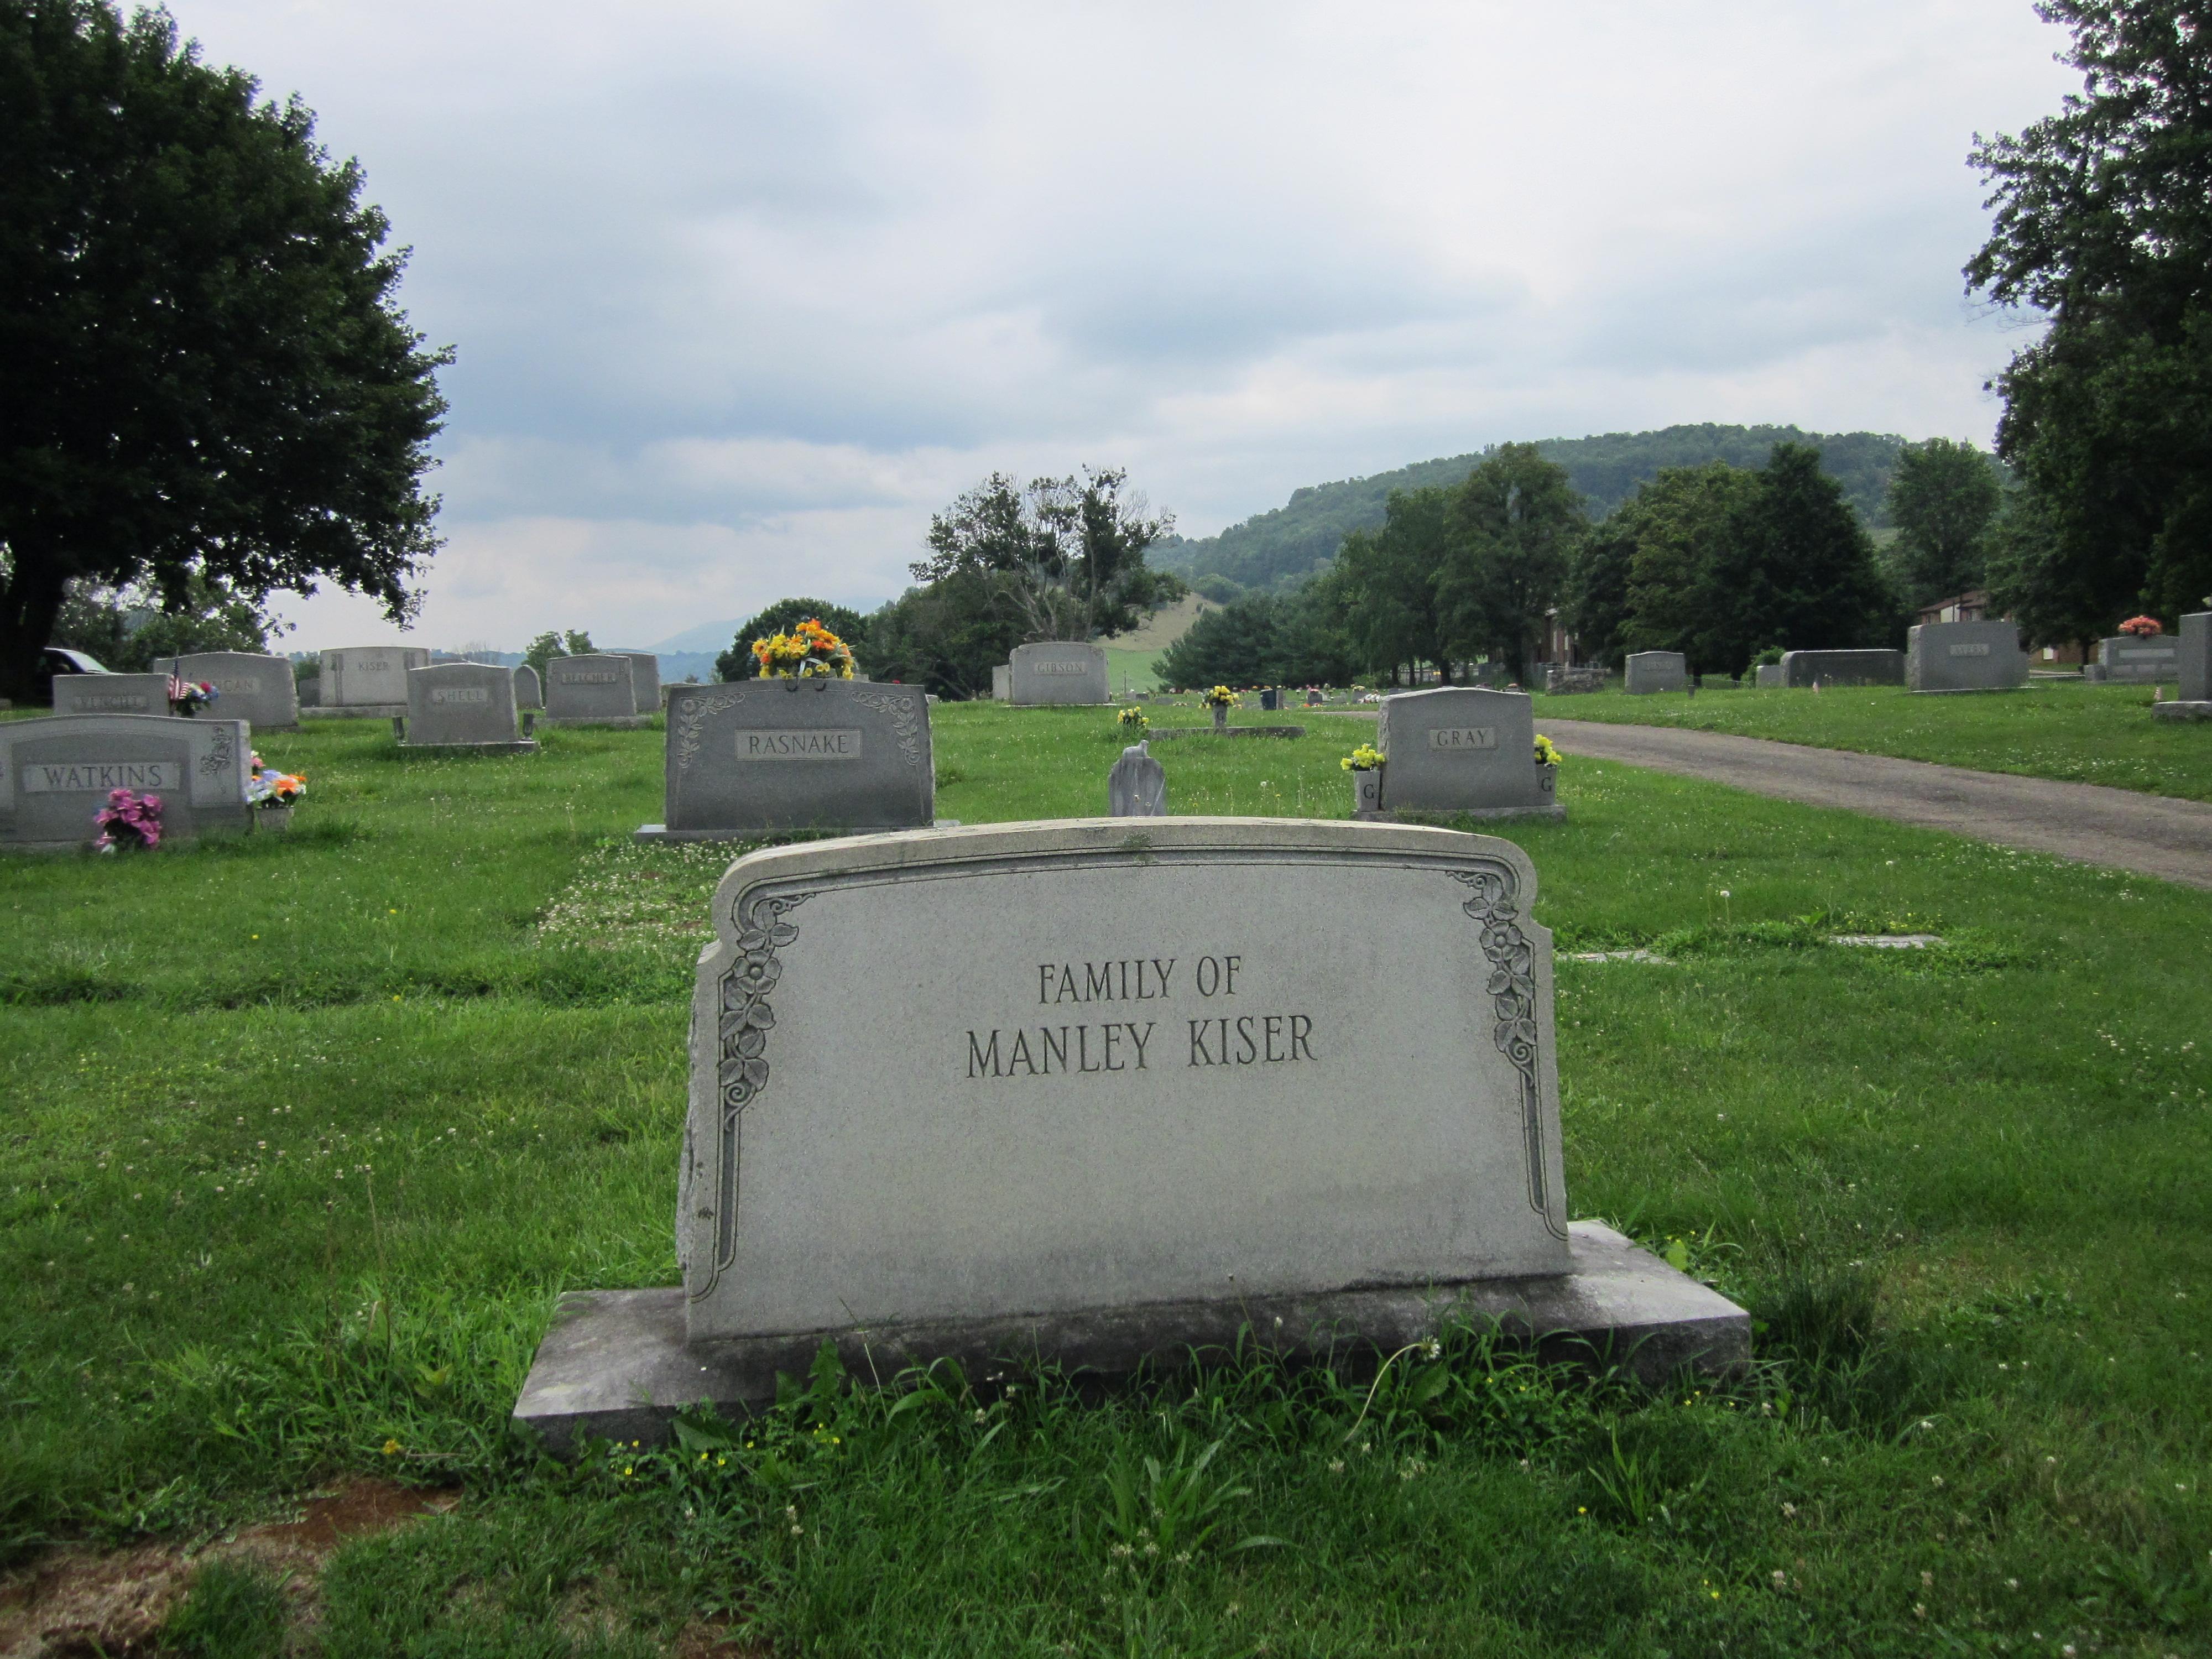 Manley Kiser